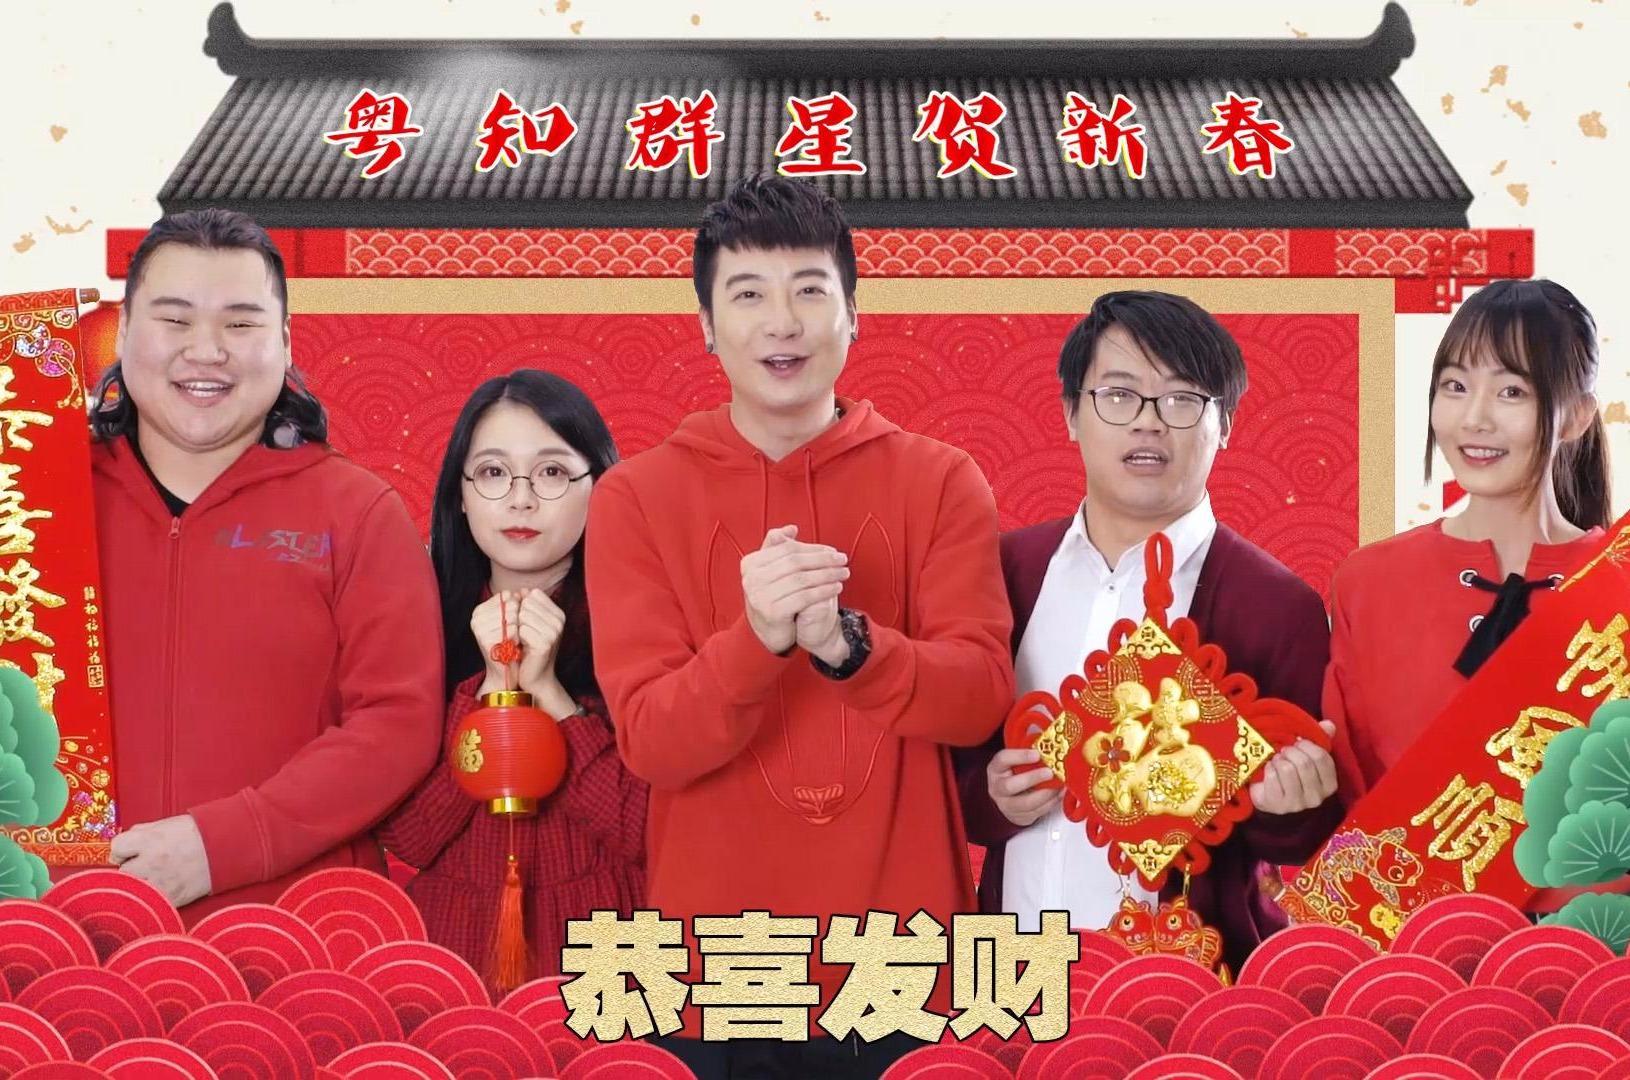 广东人新年要听的贺年歌都在这里了